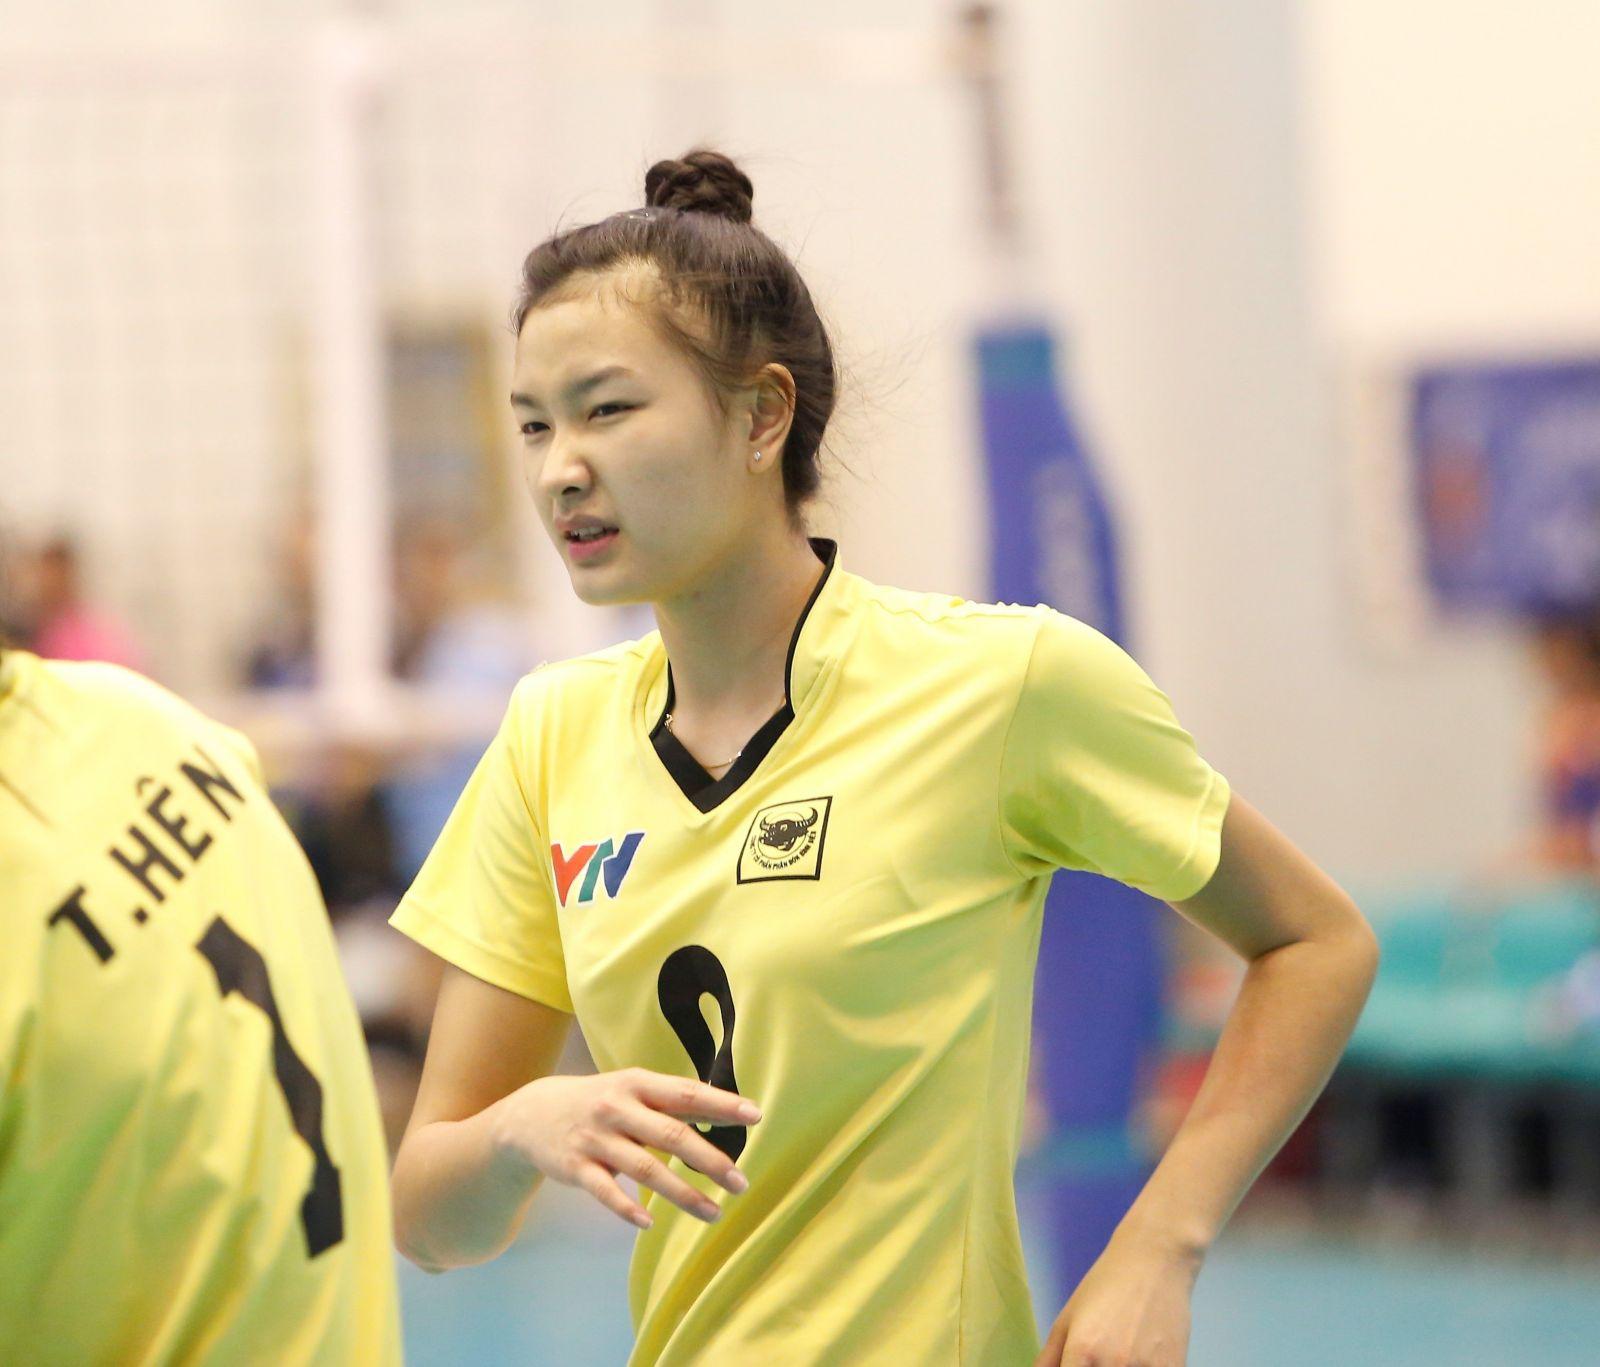 Cặp chị em bóng chuyền Việt Nam: Sắc nước hương trời, tài năng thiên phú - Ảnh 16.